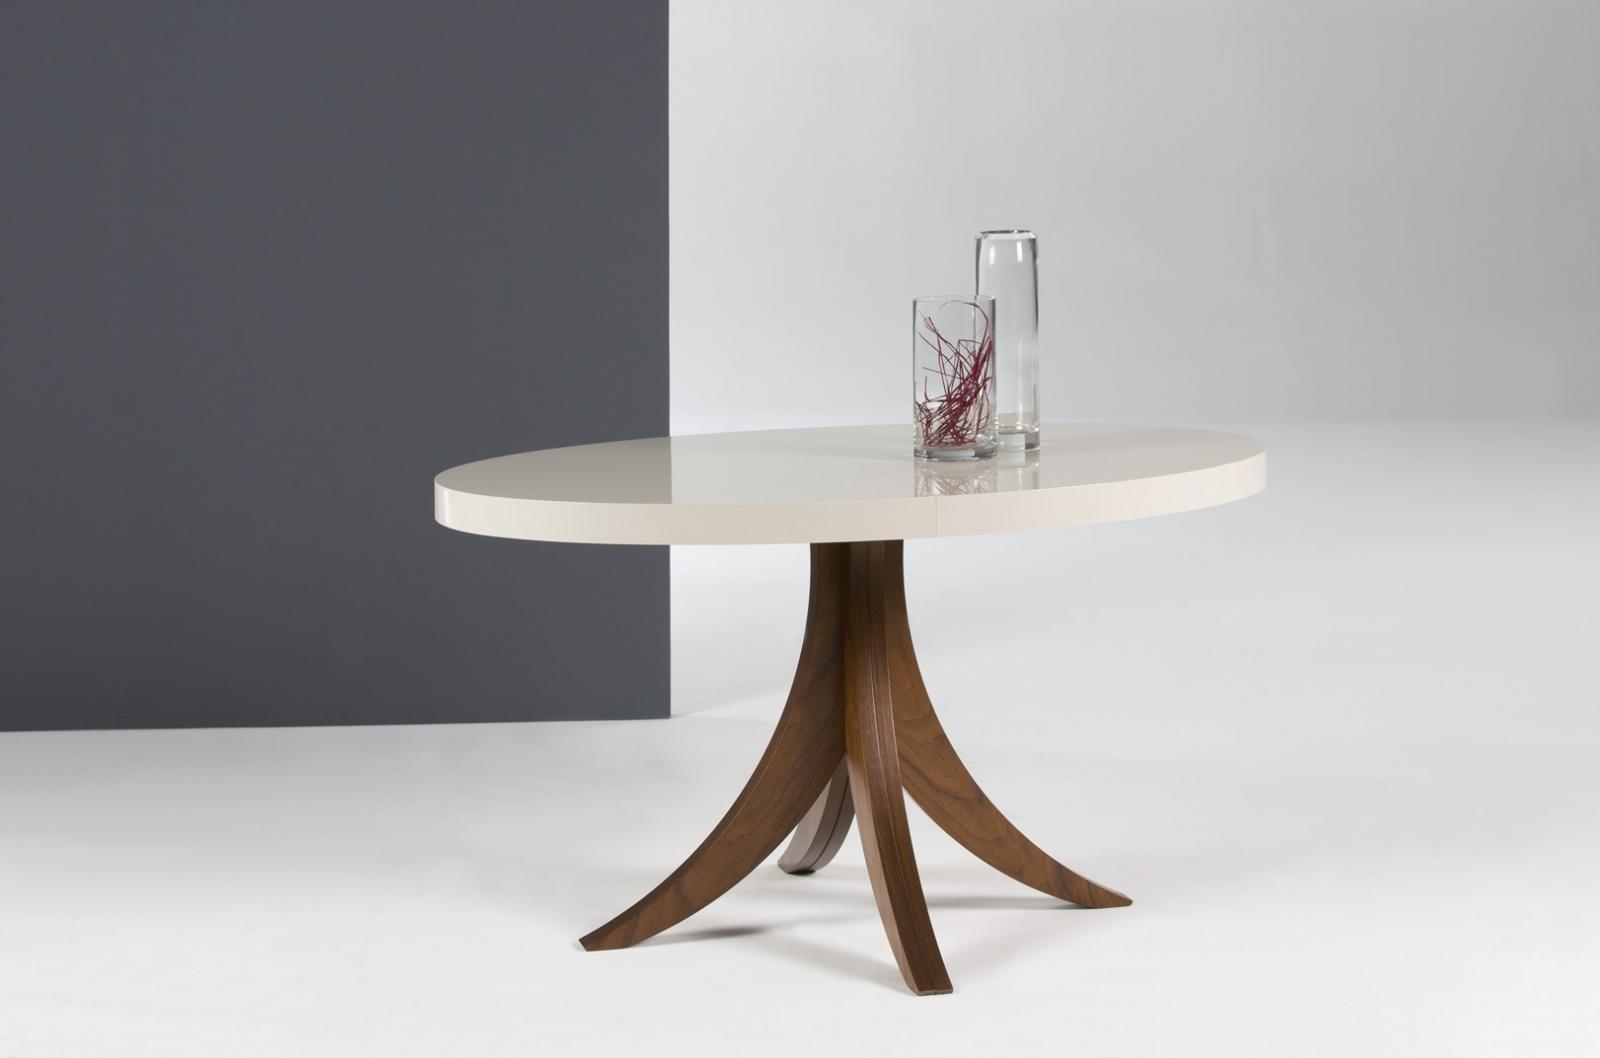 Mesa redonda extensible diseño moderno